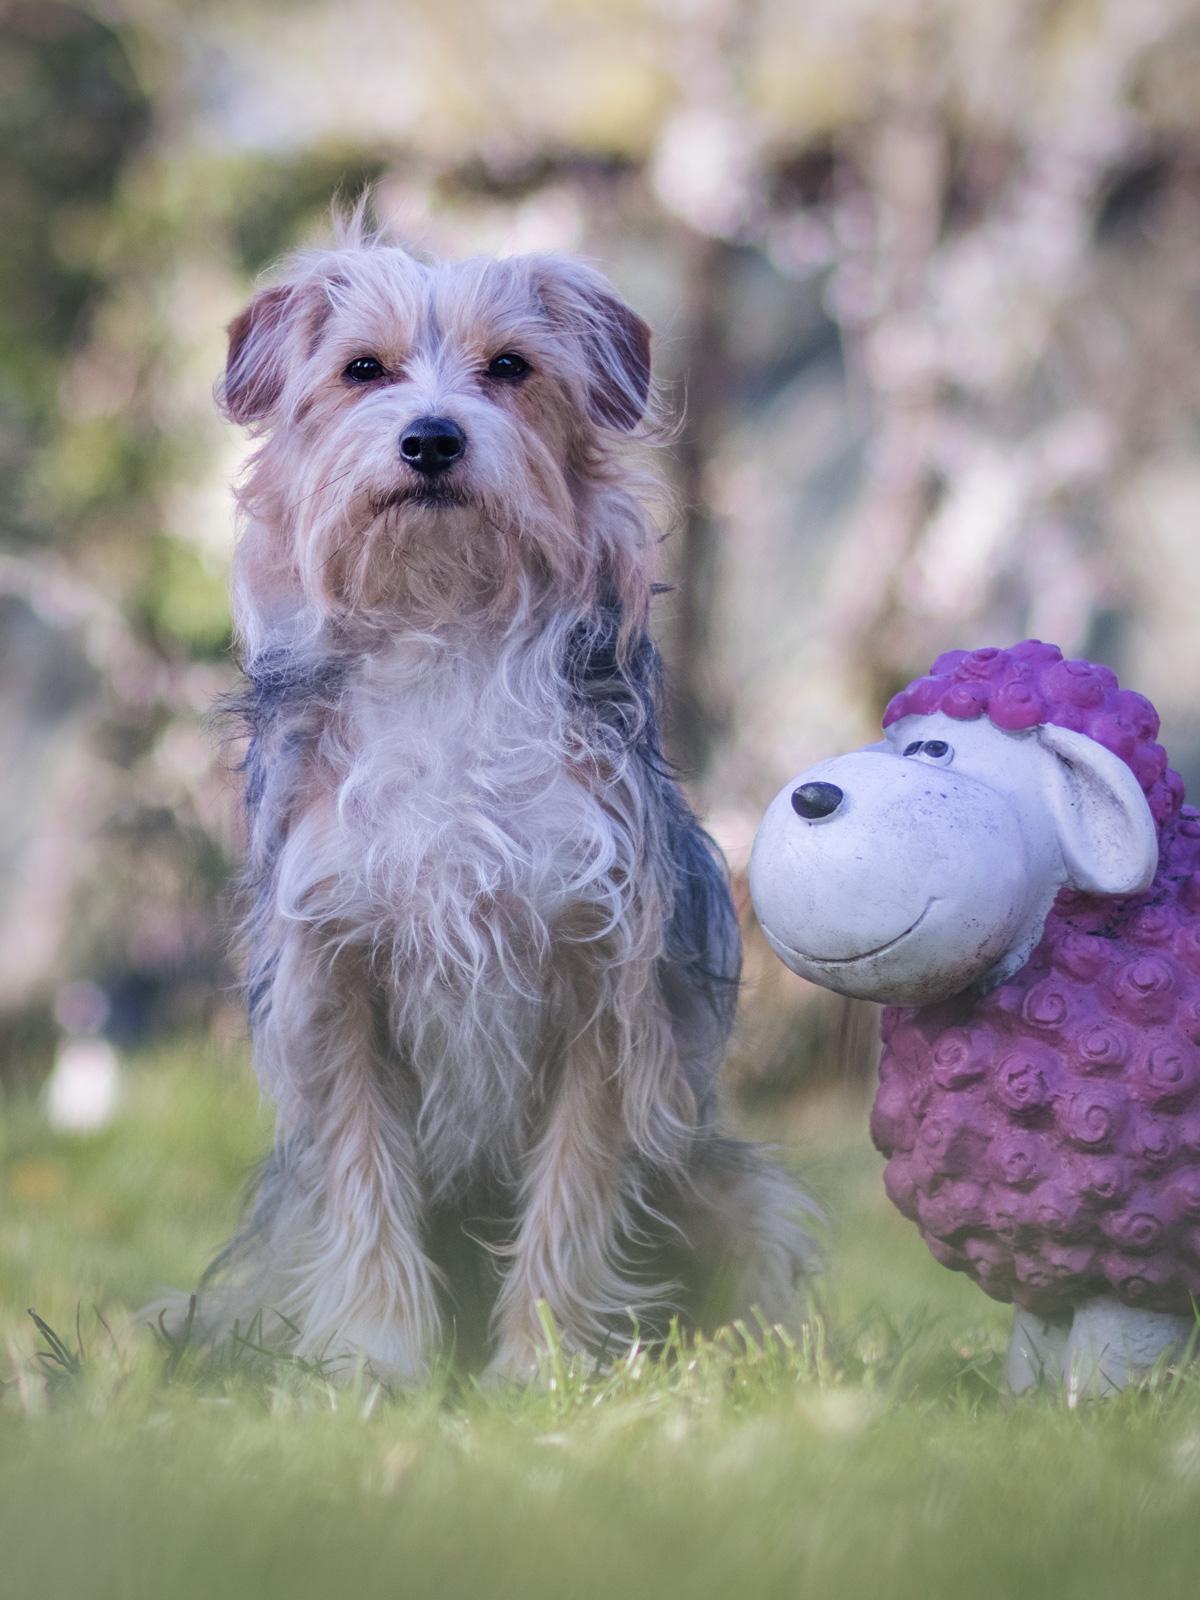 Mein Hund Isy im Garten mit einem Schaf